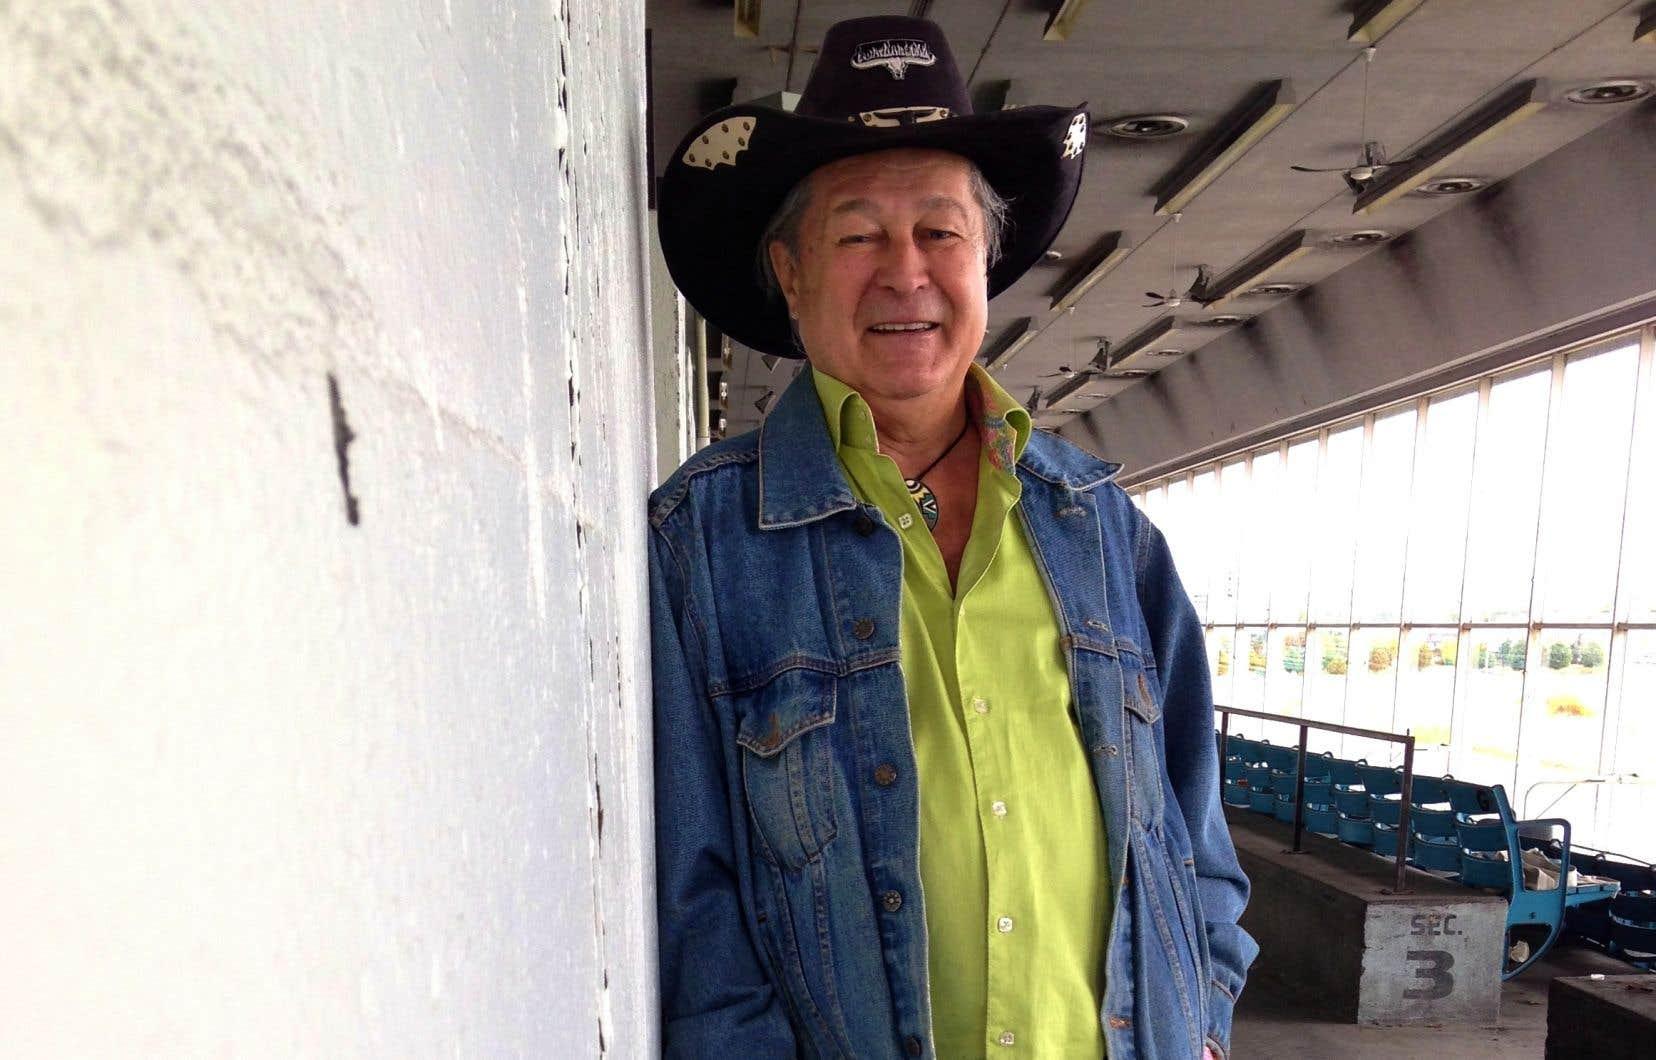 En marge de son travail, Guy Émond a aussi été chanteur de musique country.